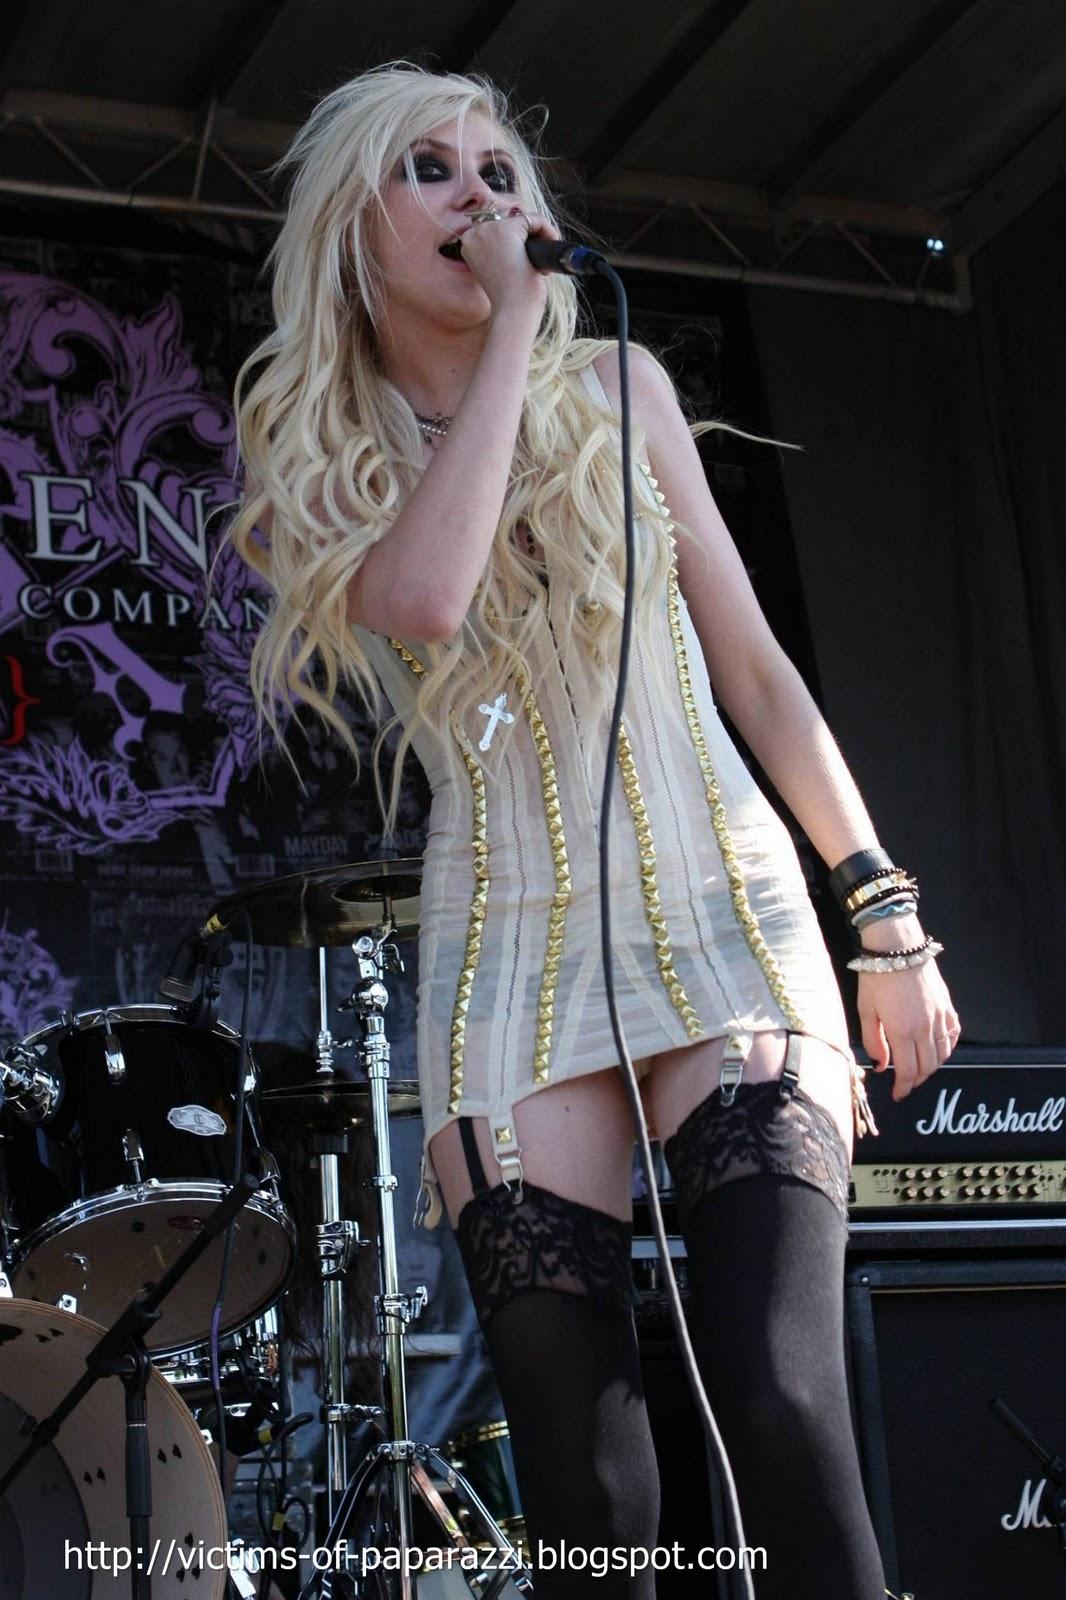 http://3.bp.blogspot.com/_NFcDSk31Yq8/TM-O0JDOOXI/AAAAAAAAAS4/2mwaF3849Ks/s1600/Taylor+Momsen.jpg